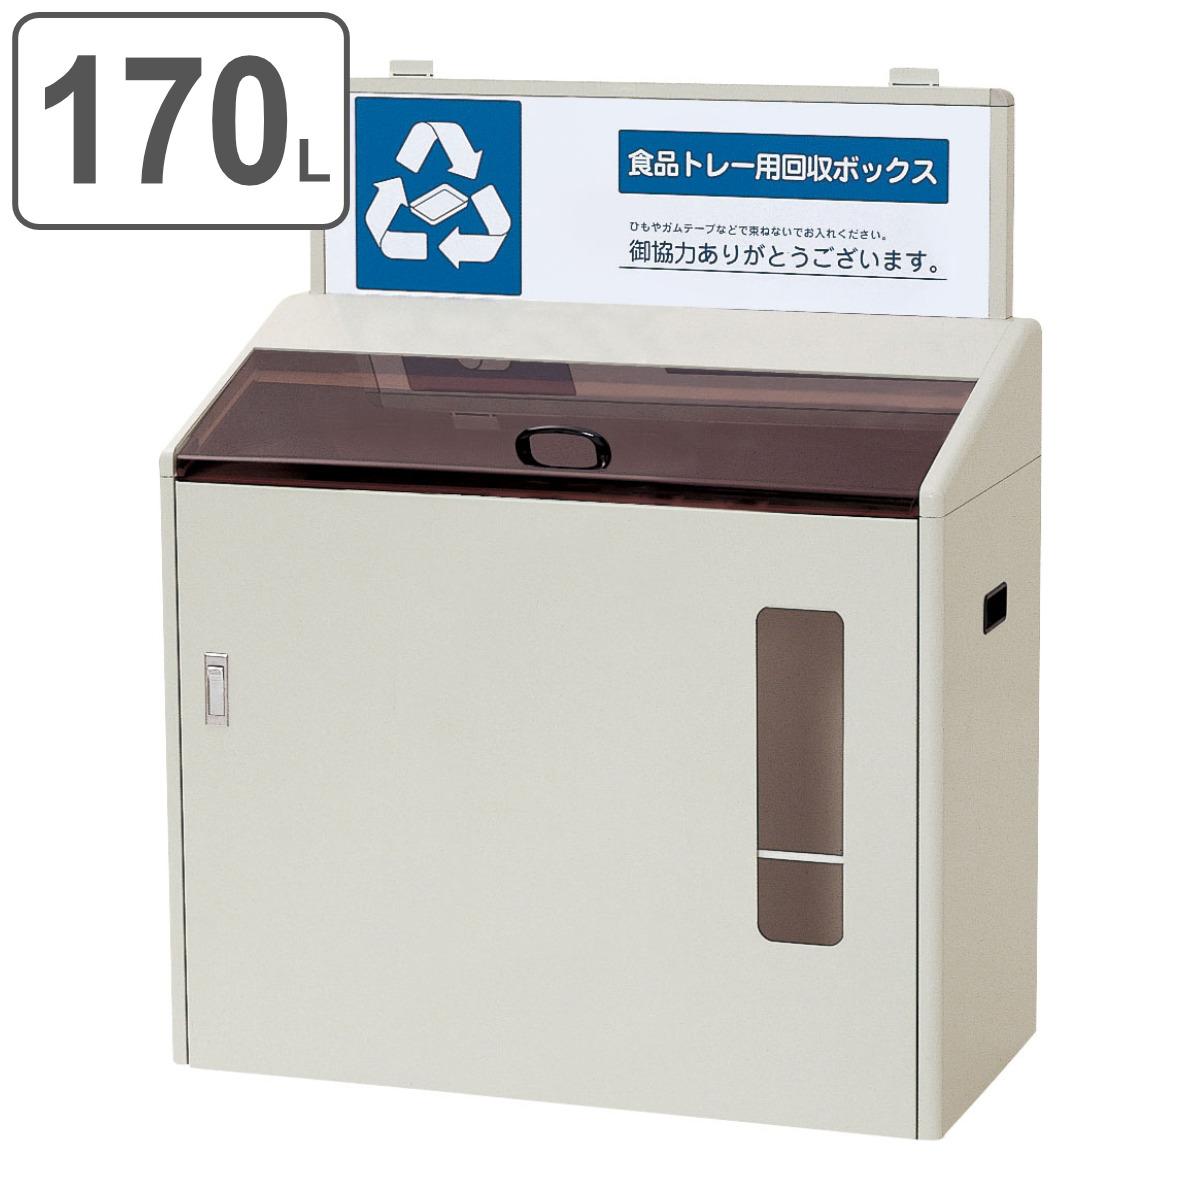 ゴミ箱 分別回収ボックス SGR-170 送料無料 【4500円以上送料無料】